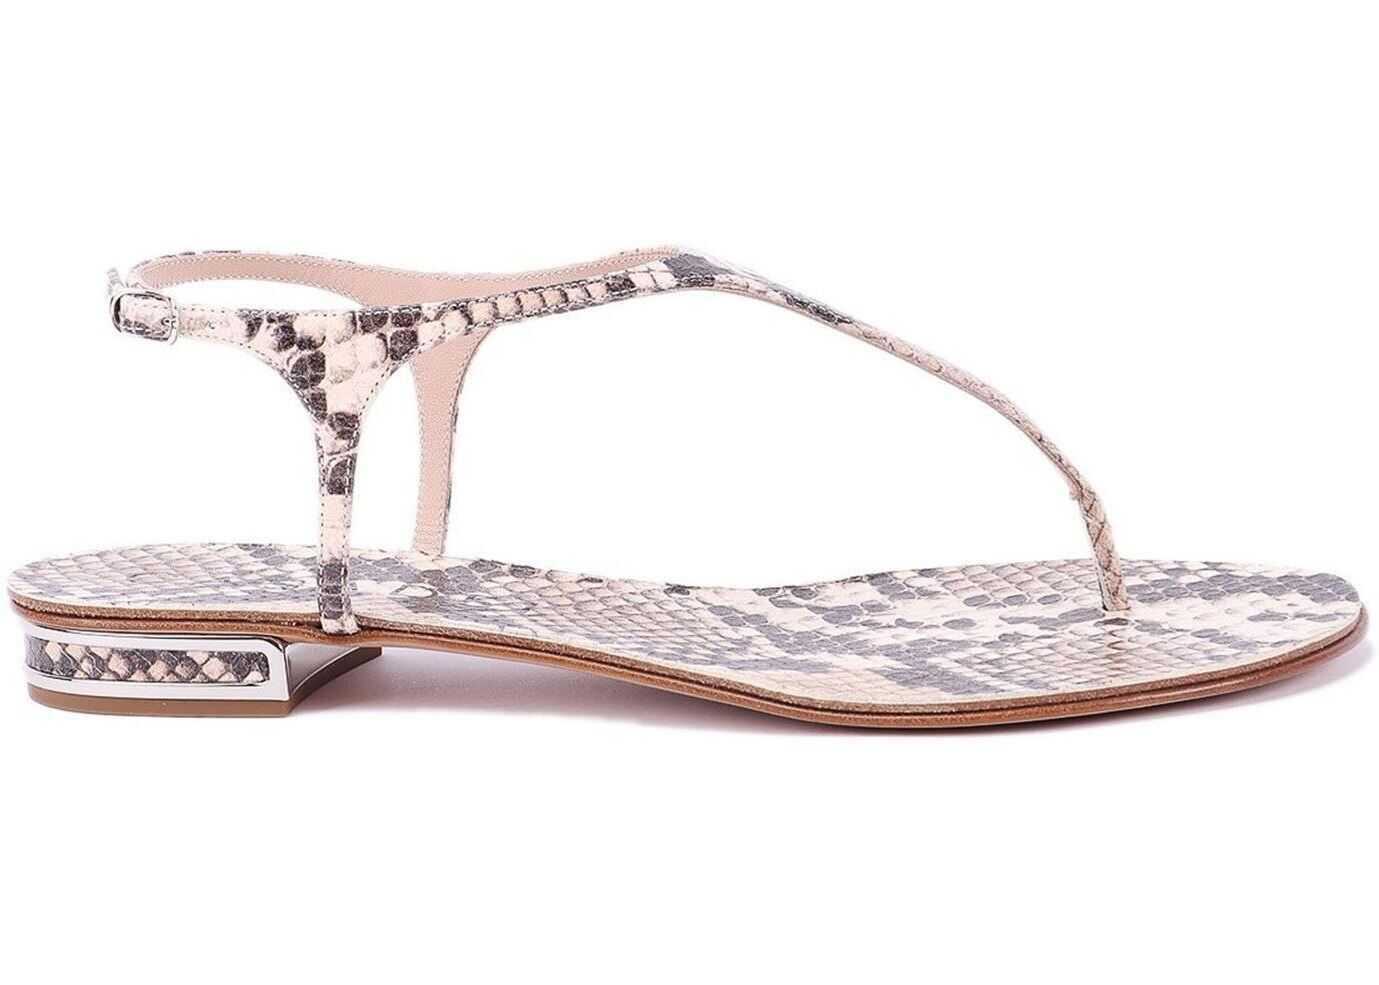 Casadei Masai Mara Thong Sandals Beige